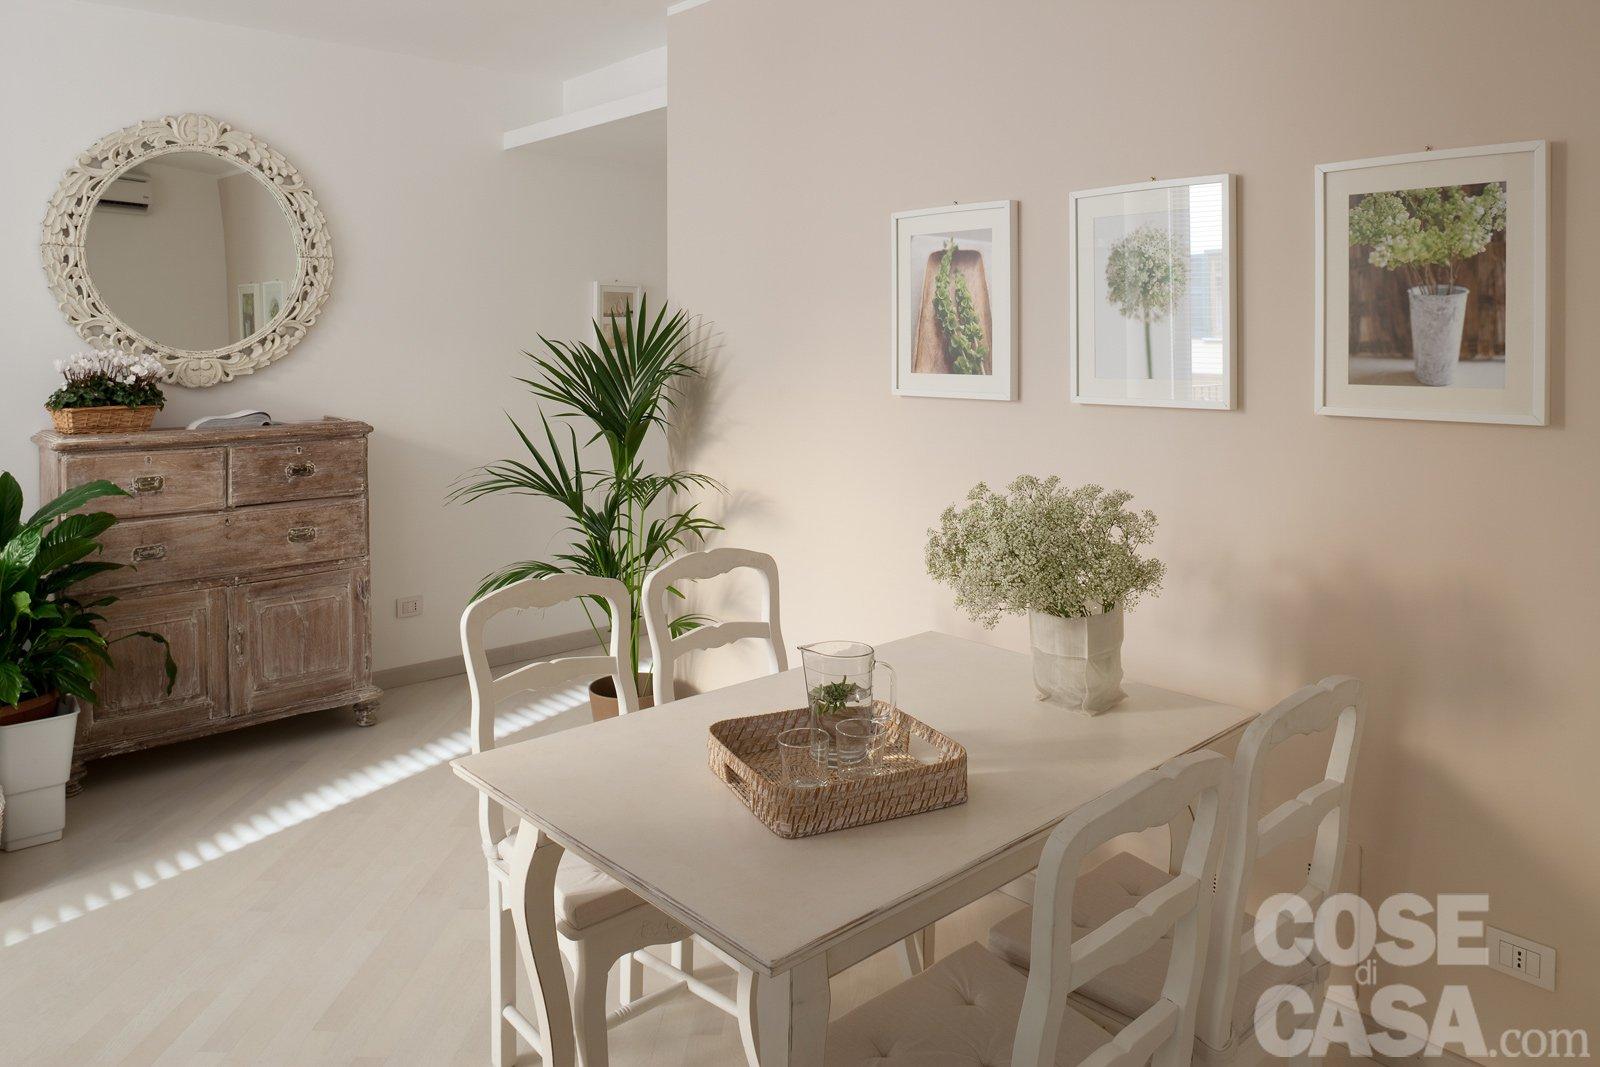 44 mq una stanza in pi in casa cose di casa - Tavolo esterno maison du monde ...